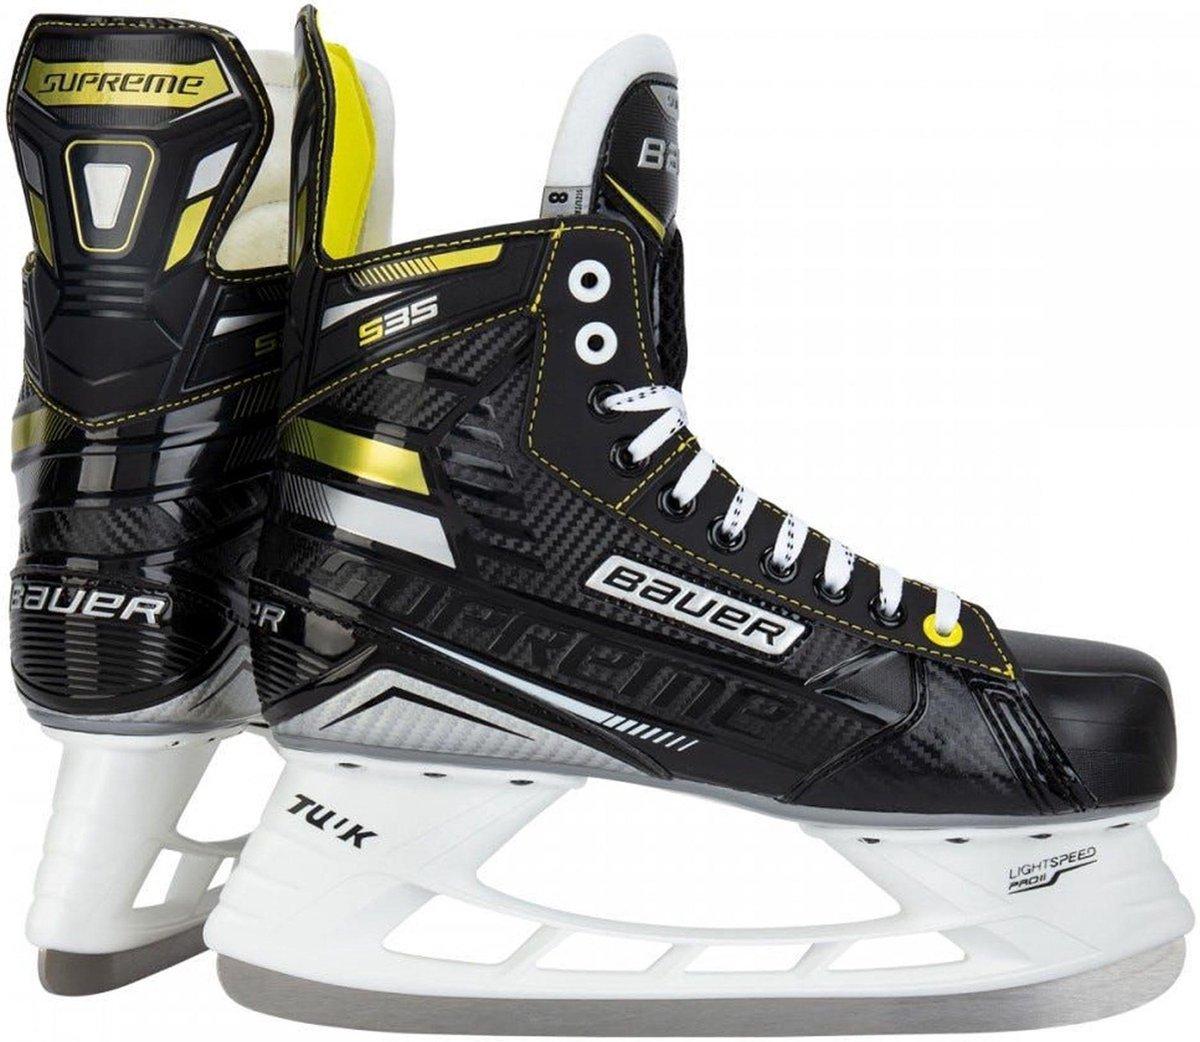 Bauer Schaatsen - Maat 41 - Unisex - zwart/geel/wit